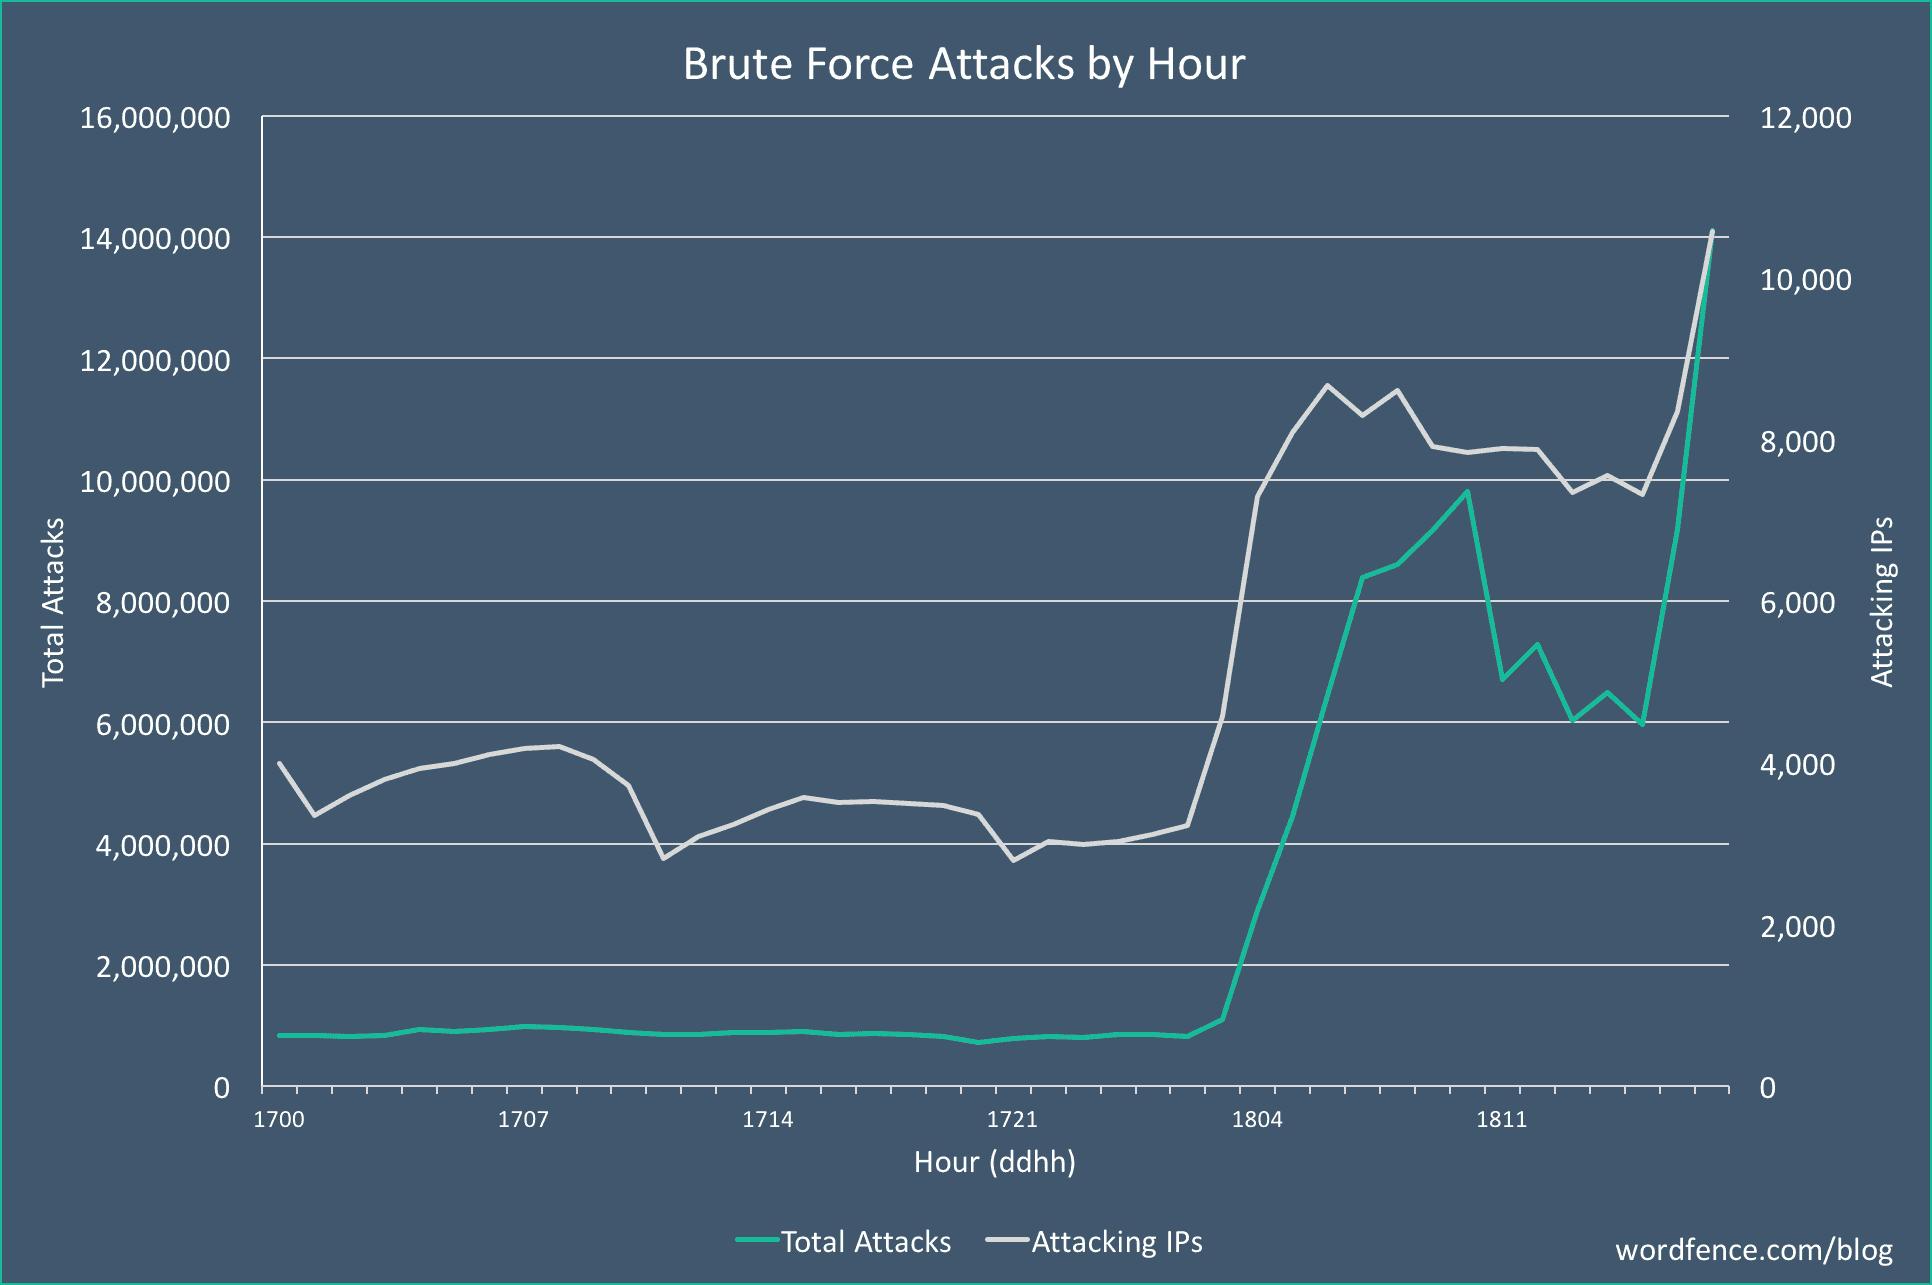 massive brute force attack Dec18 compressor - 워드프레스를 대상으로 대규모 무차별 대입 공격(Brute Force Attack) 발생